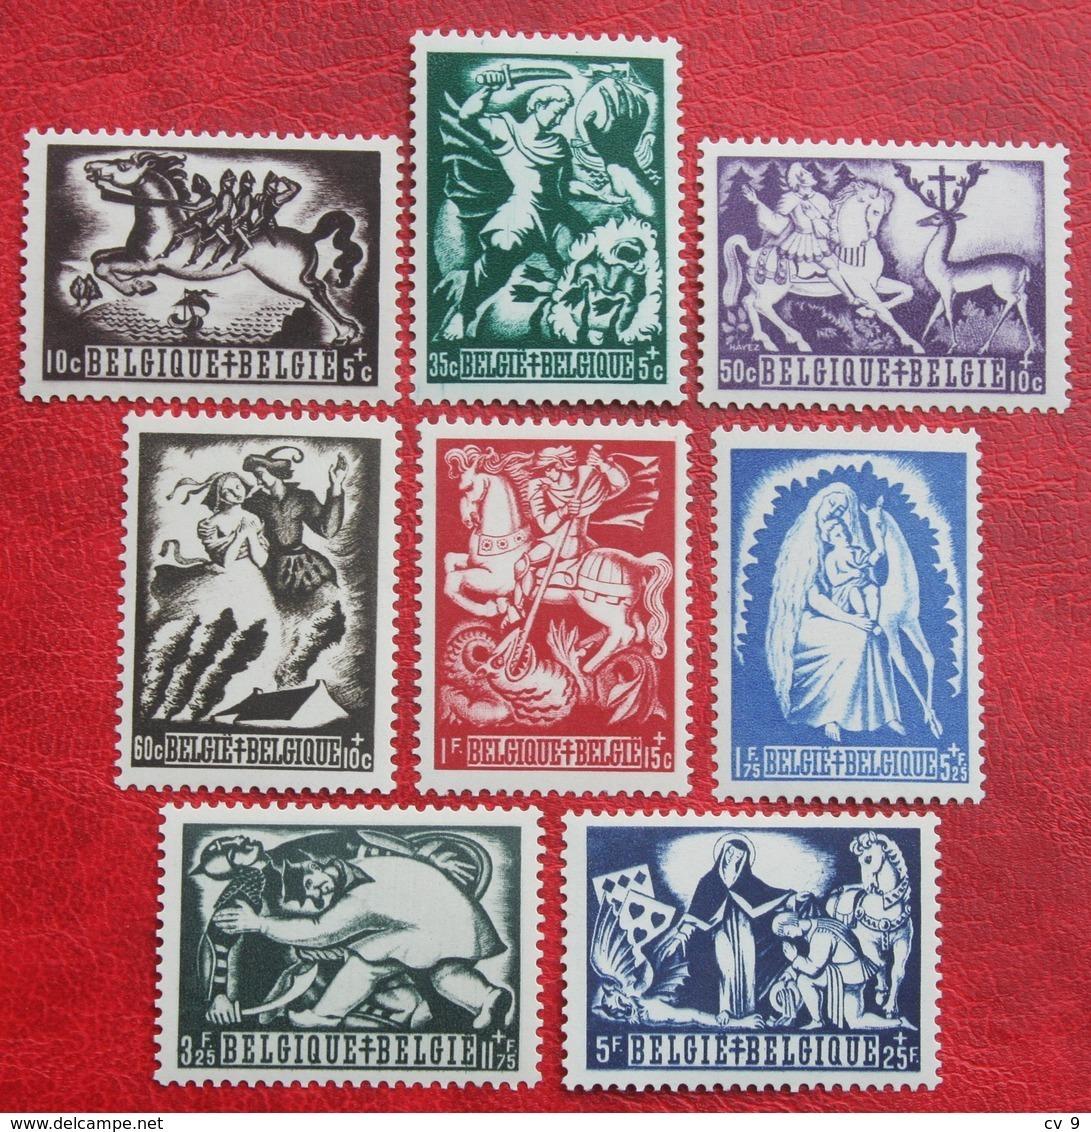 Legende Légendes Belges Tuberculose Zegels Complete Set 1944 OBP 653-660 (Mi 673-680) POSTFRIS/ MNH ** BELGIE BELGIUM - Ongebruikt